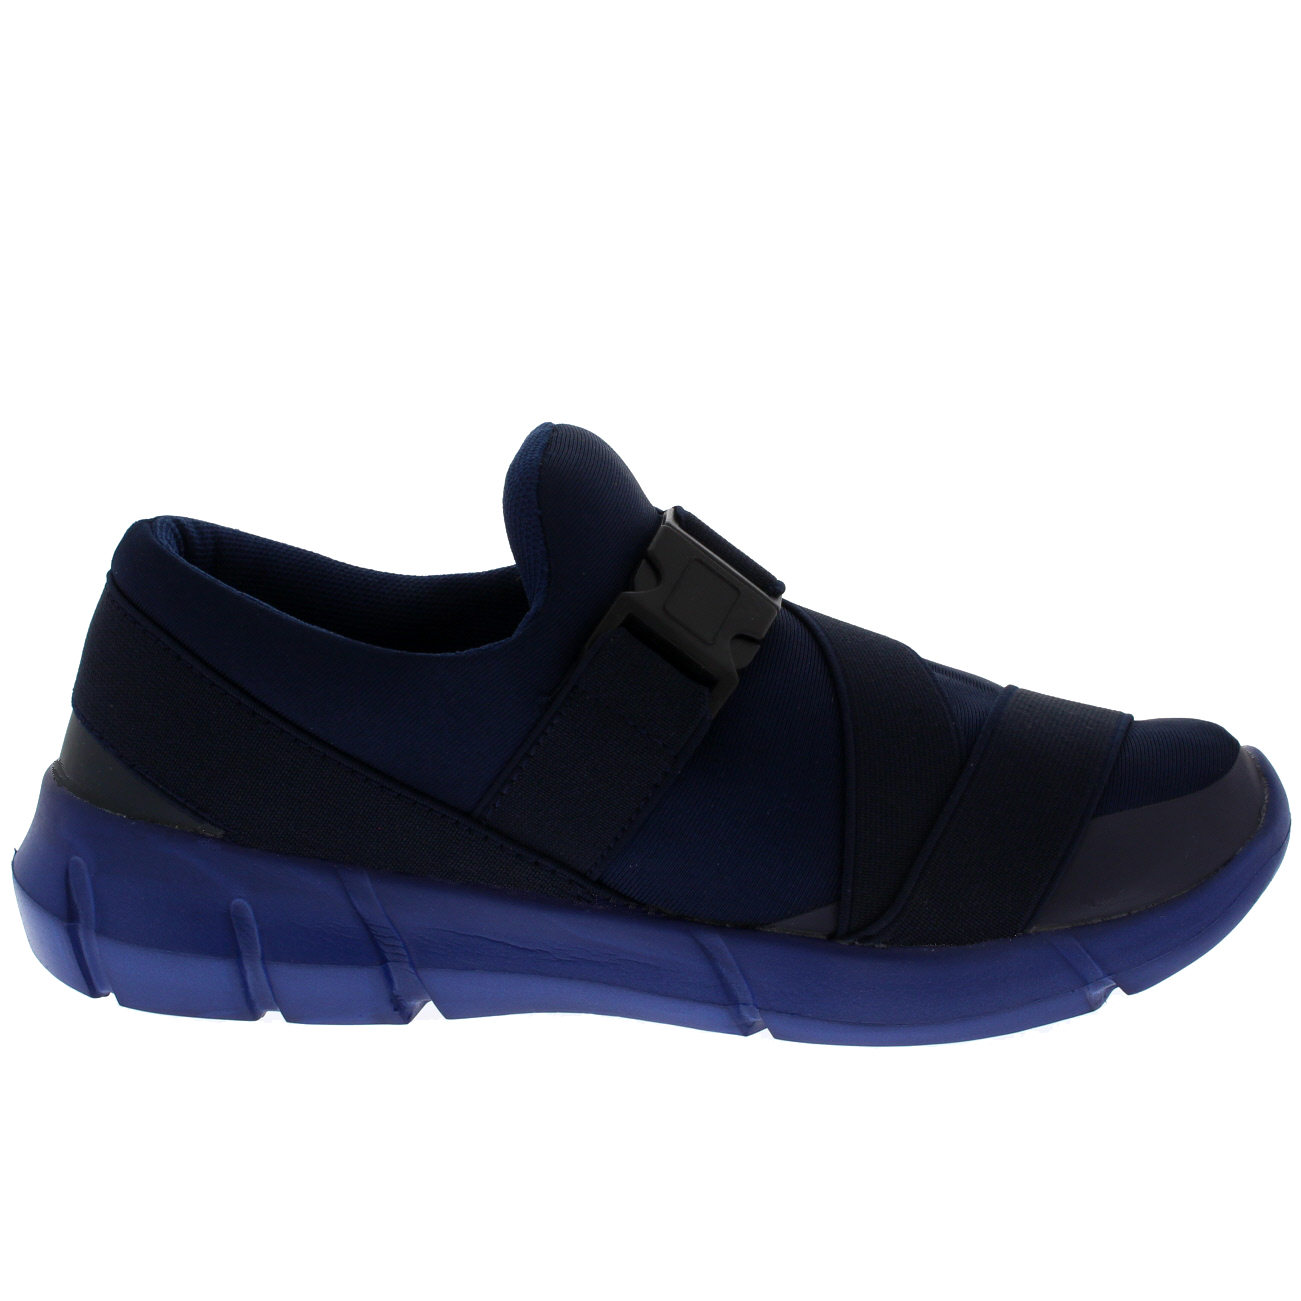 Hebilla para mujer Slip On Caminar Ligero Acolchado Entrenadores Zapatos Deportivos